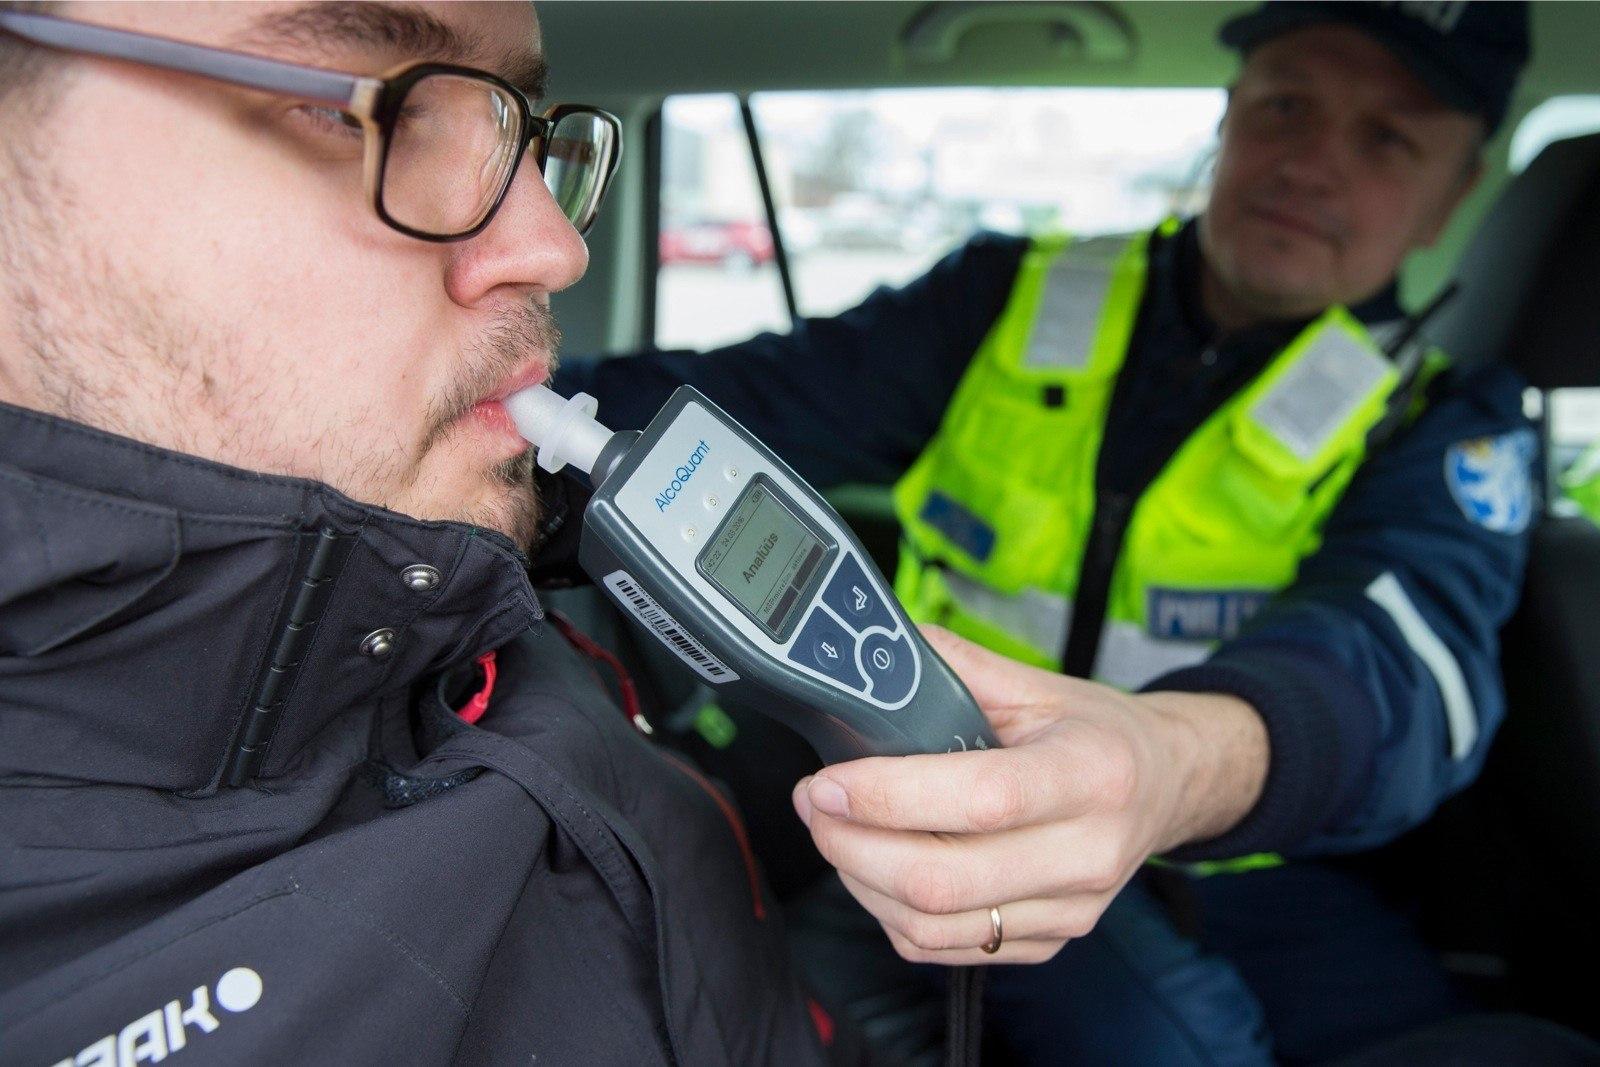 e2037808482 VIDEO | Ninanips politseile! Puhumisreidil tehti kogemata kainuskontroll  kõrvalistujale | Õhtuleht